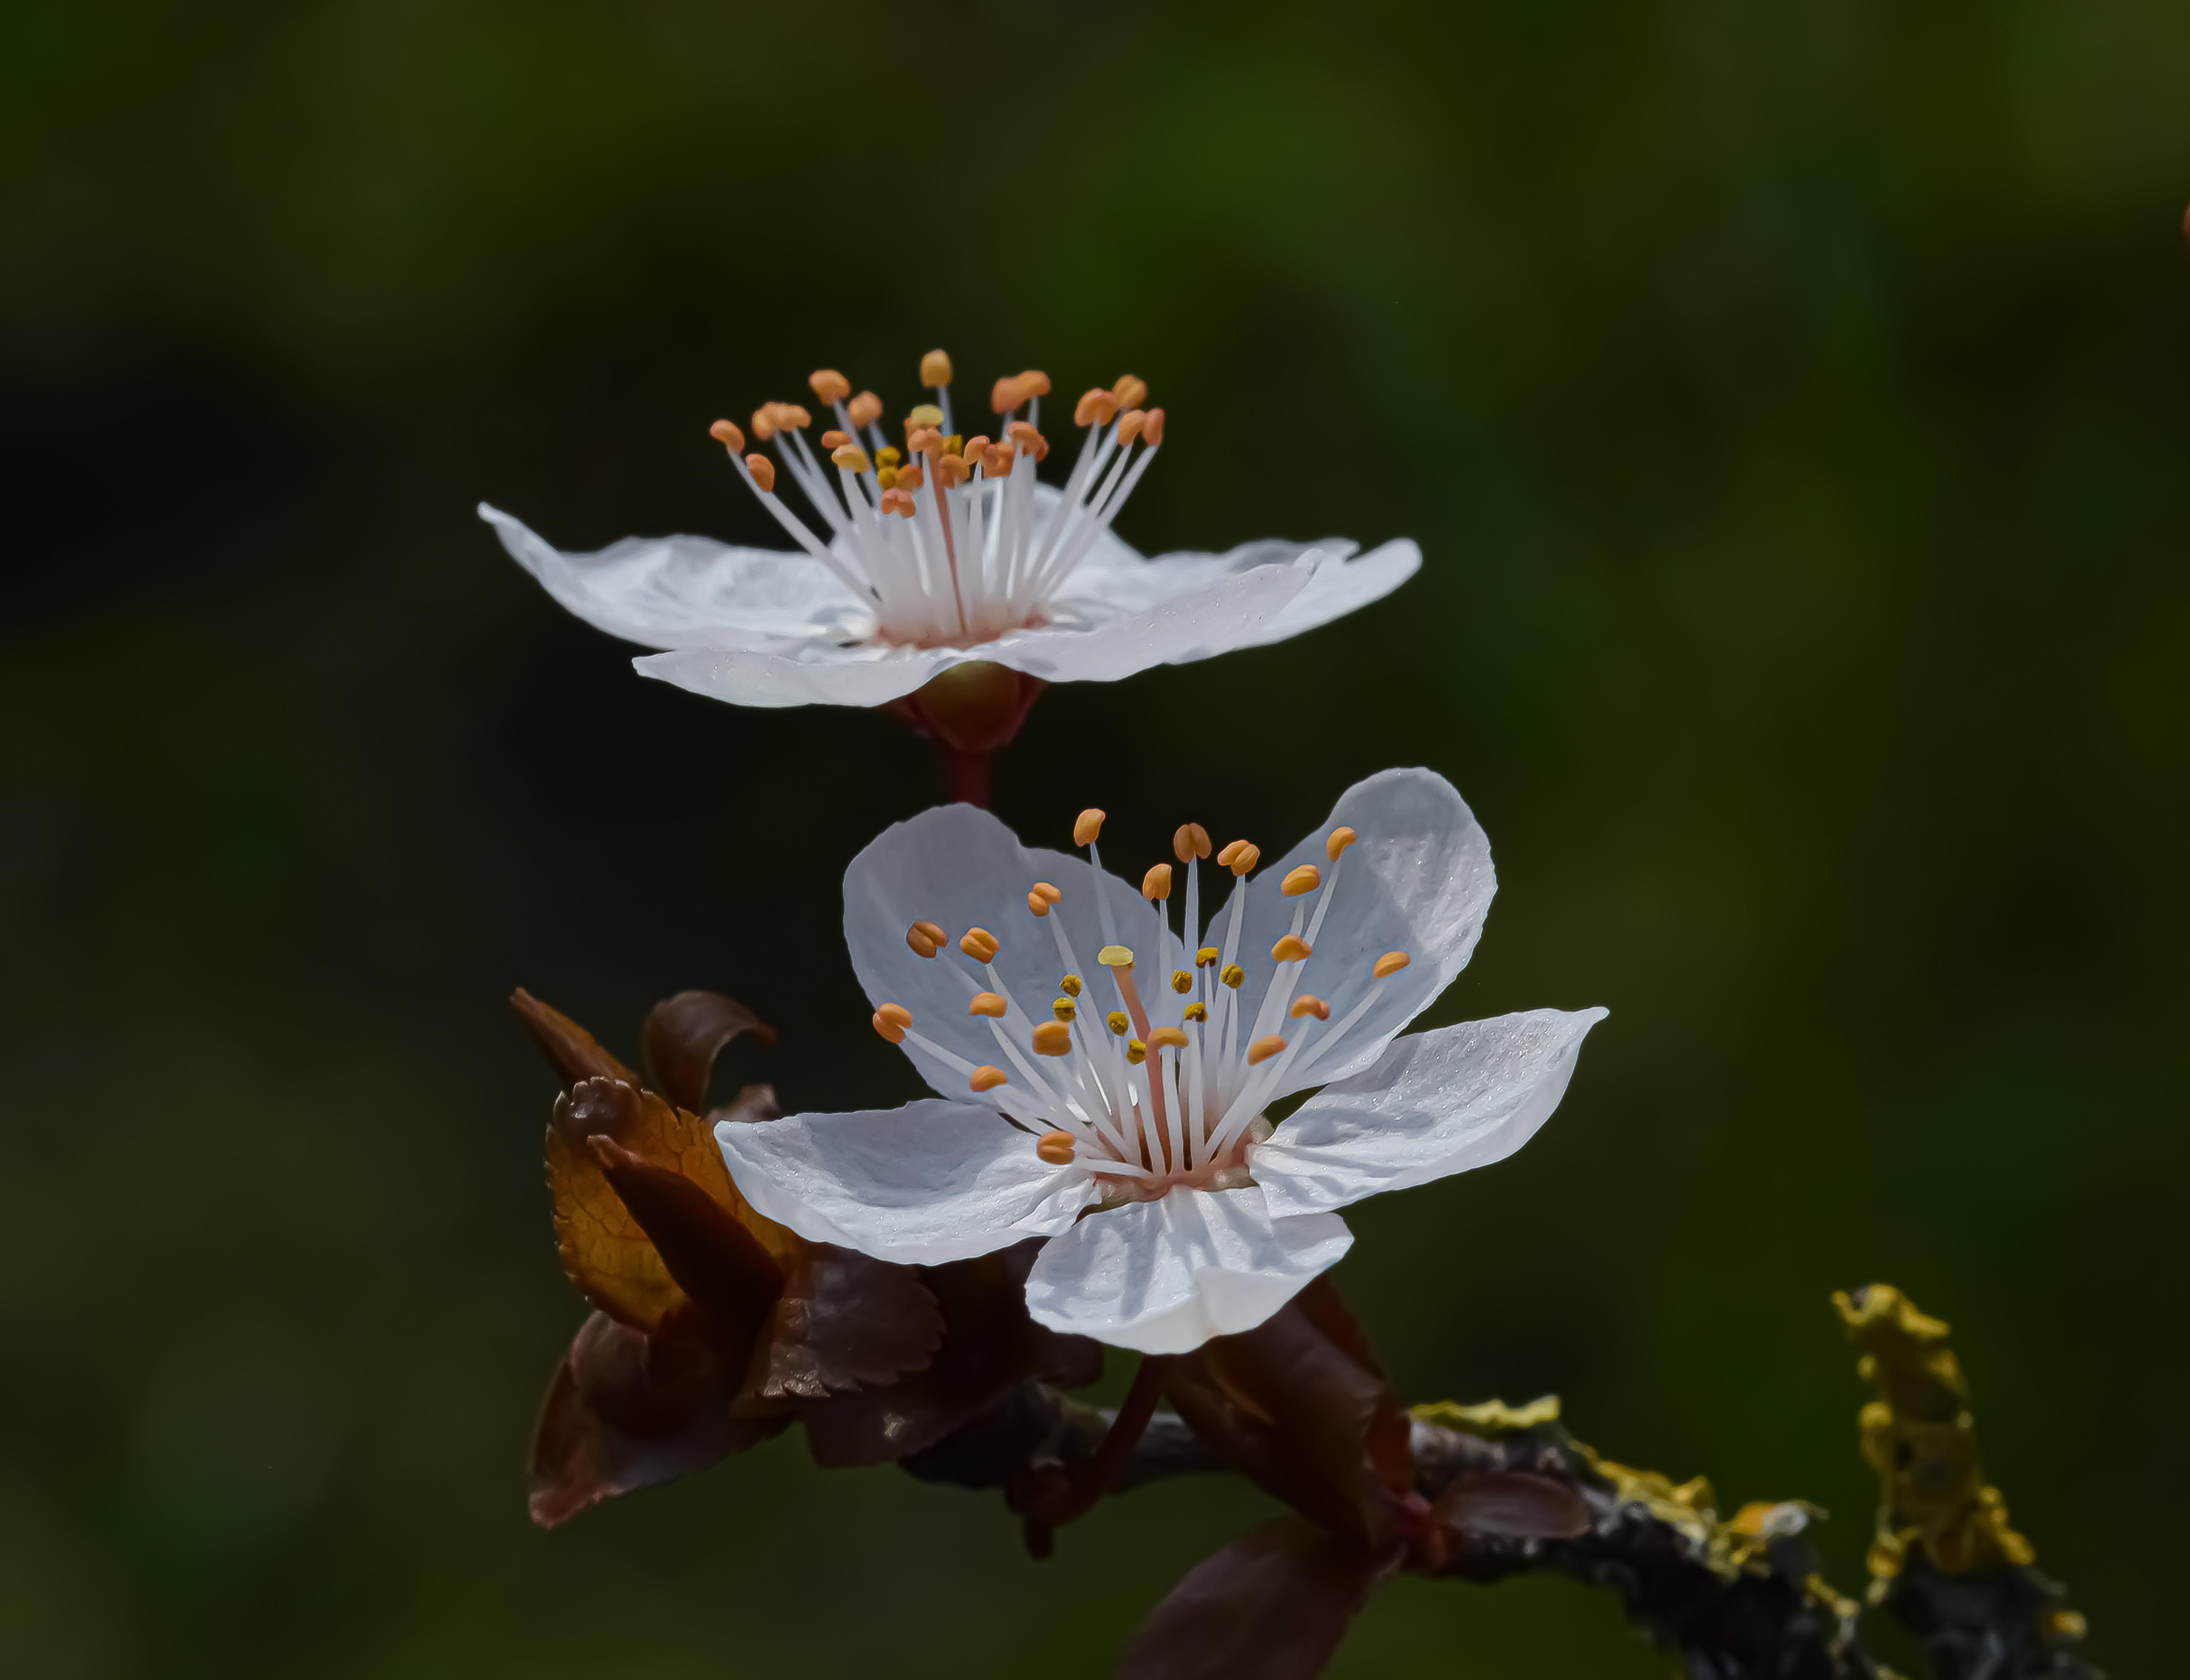 113902 скачать обои Вишня, Ветка, Цветы, Макро, Лепестки, Весна - заставки и картинки бесплатно